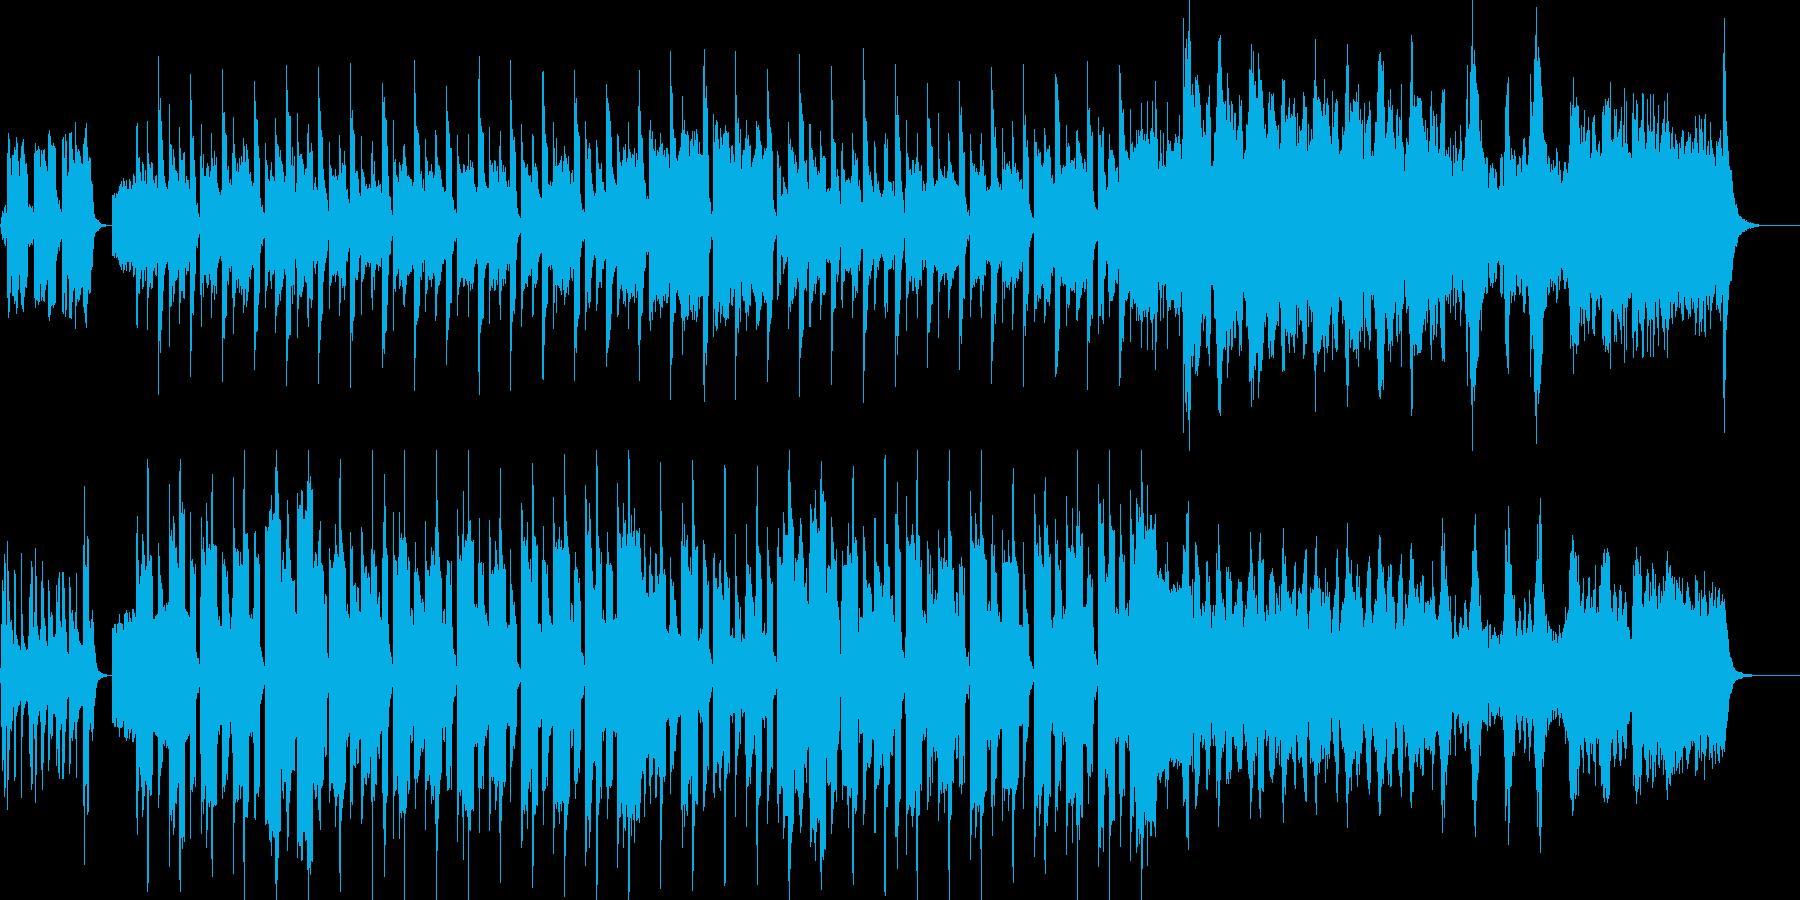 とても平和でほのぼのとした曲の再生済みの波形